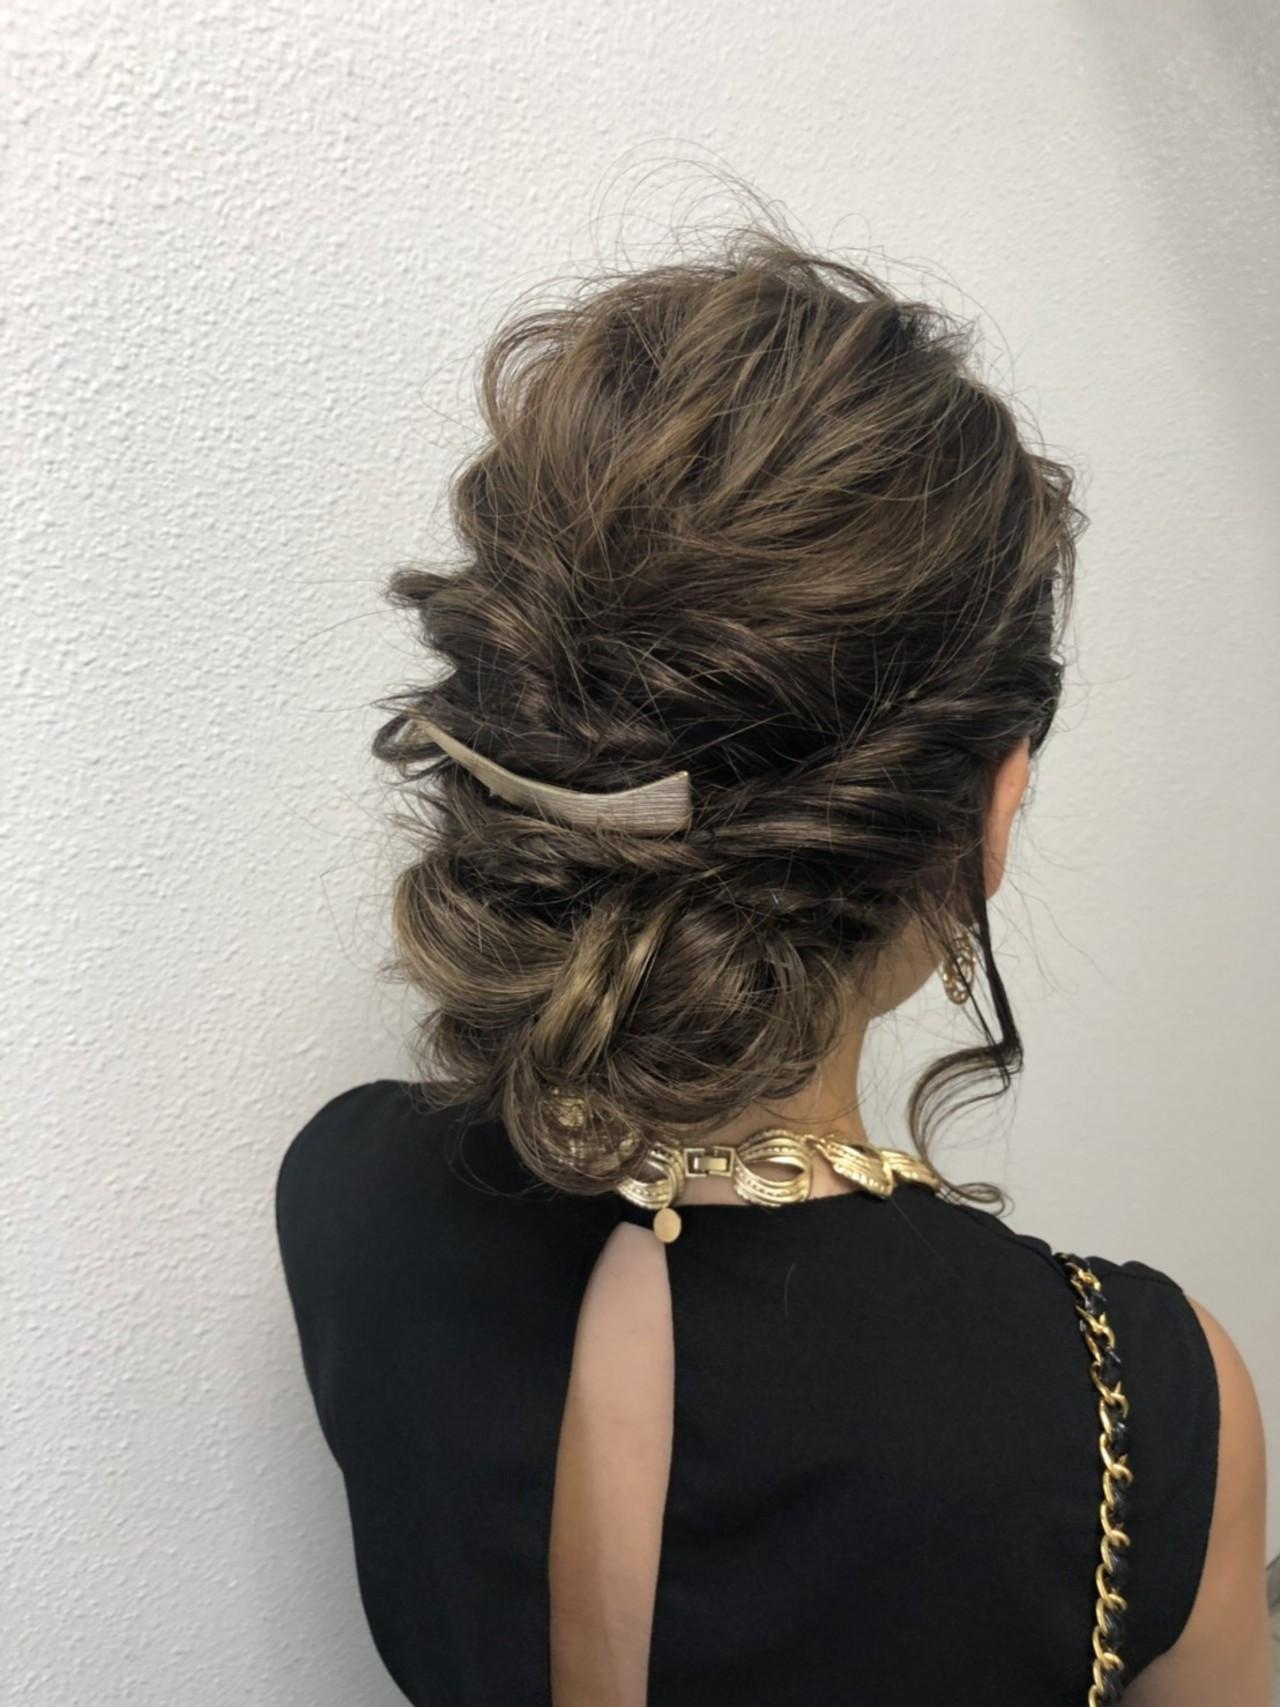 ヘアセット 結婚式 アップスタイル ヘアアレンジ ヘアスタイルや髪型の写真・画像